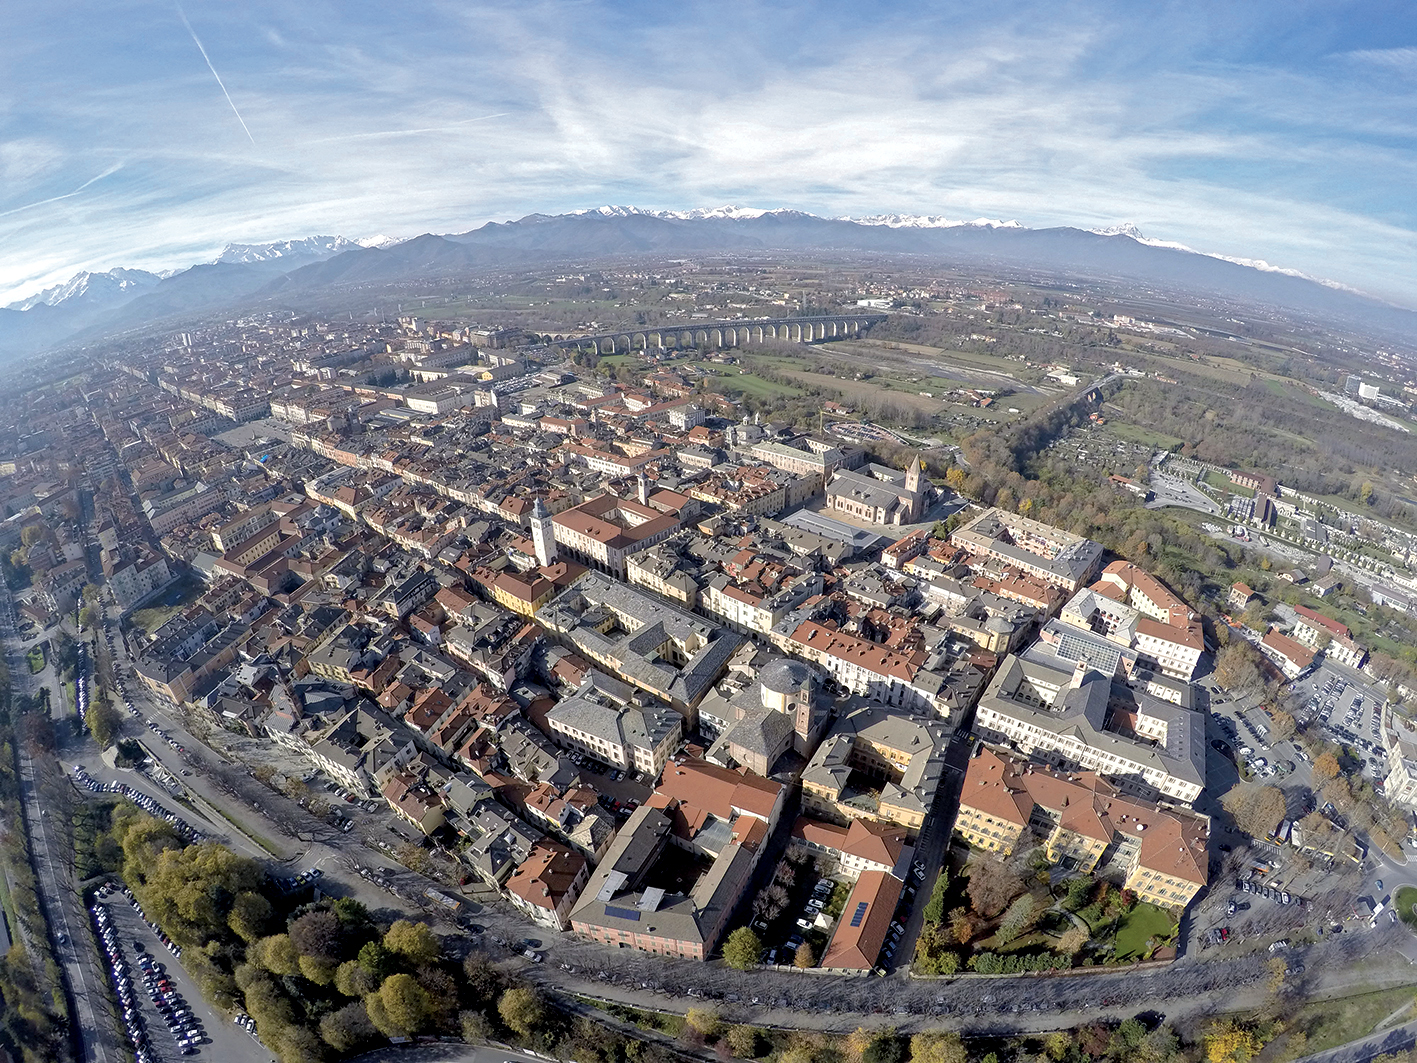 Studi Di Architettura Cuneo convenzione per progettare la cuneo del futuro - la guida